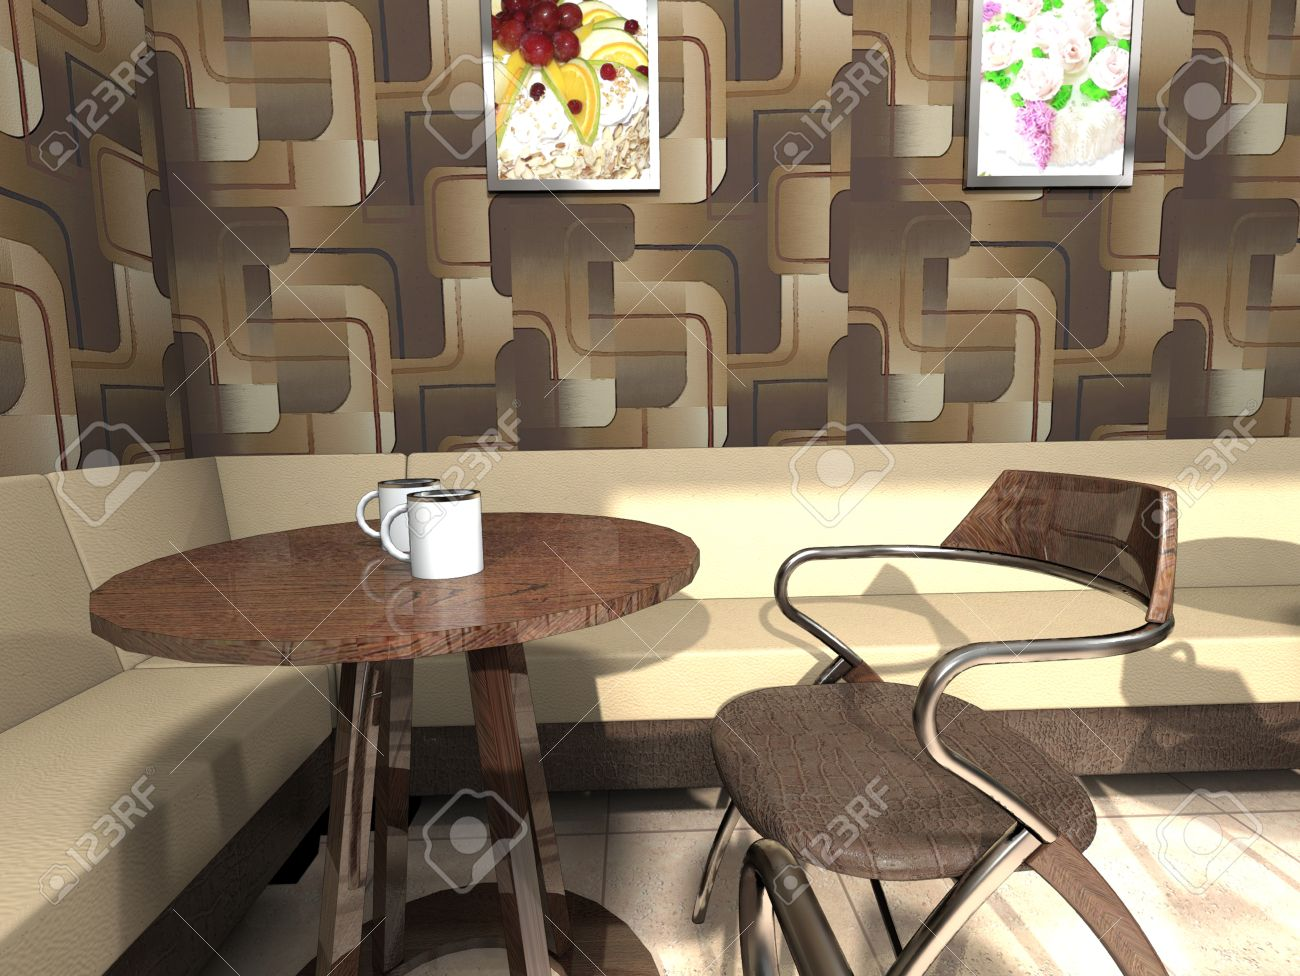 Gemutliche Ecke Cafe Mit Einem Kleinen Tisch Ein Sofa Ein Sessel